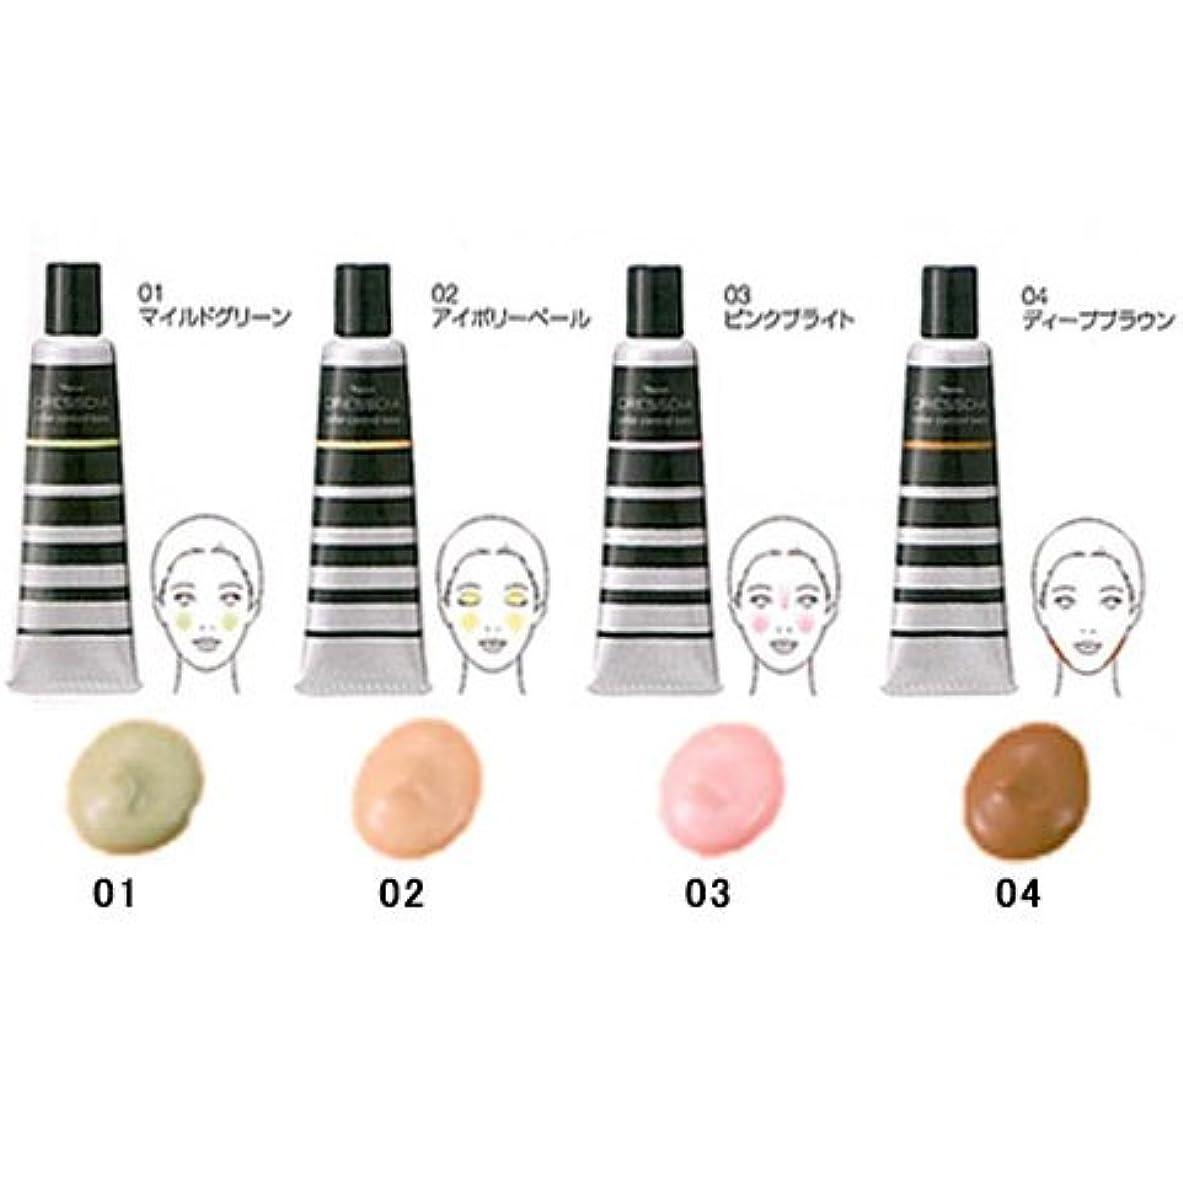 人発表する奨励ナリス化粧品 ドレスディア カラーコントロールベース部分用 化粧下地 20g 02 アイボリーベール